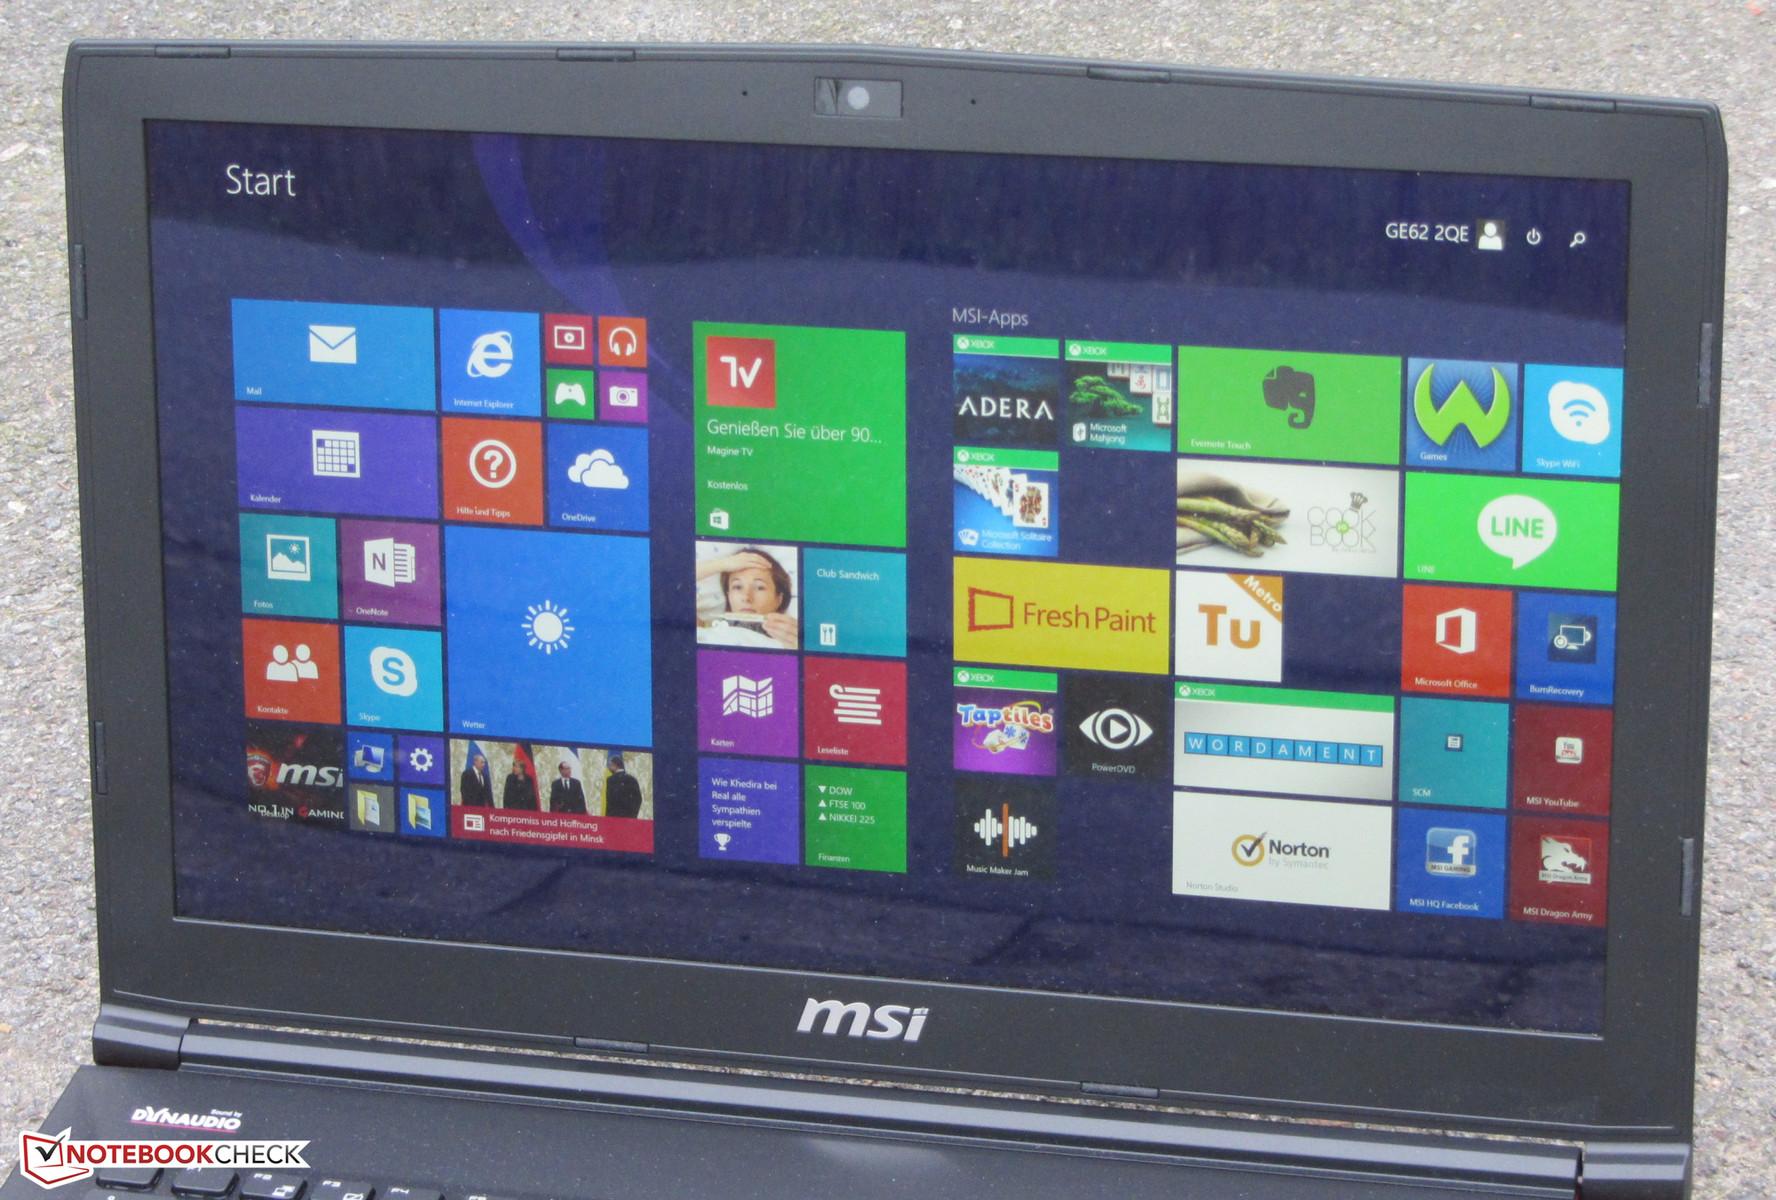 Face Off: Dell Alienware 15 Vs. Clevo P751ZM Vs. MSI GE62